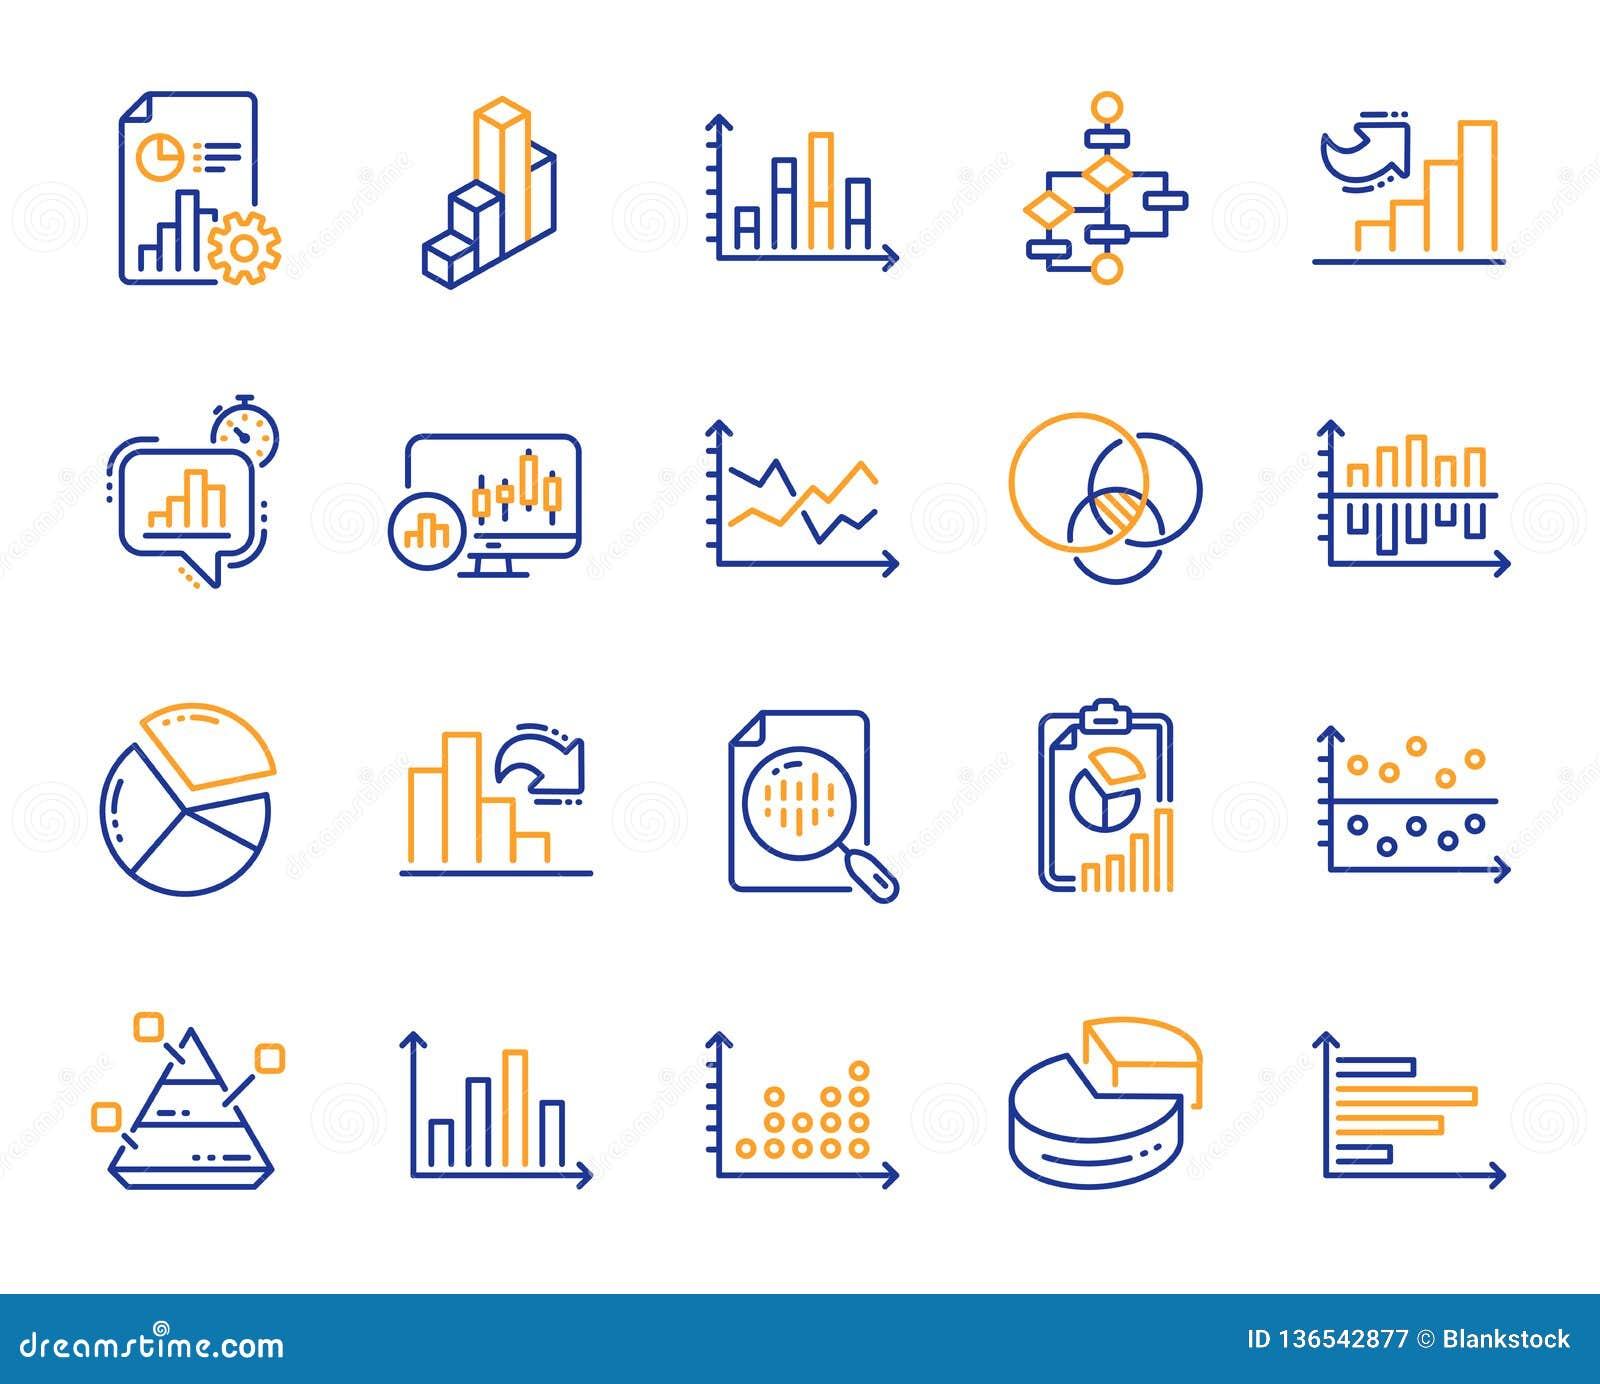 Las cartas y los diagramas alinean iconos Fije la carta 3D, bloque diagrama y los iconos del gráfico de Dot Plot Vector